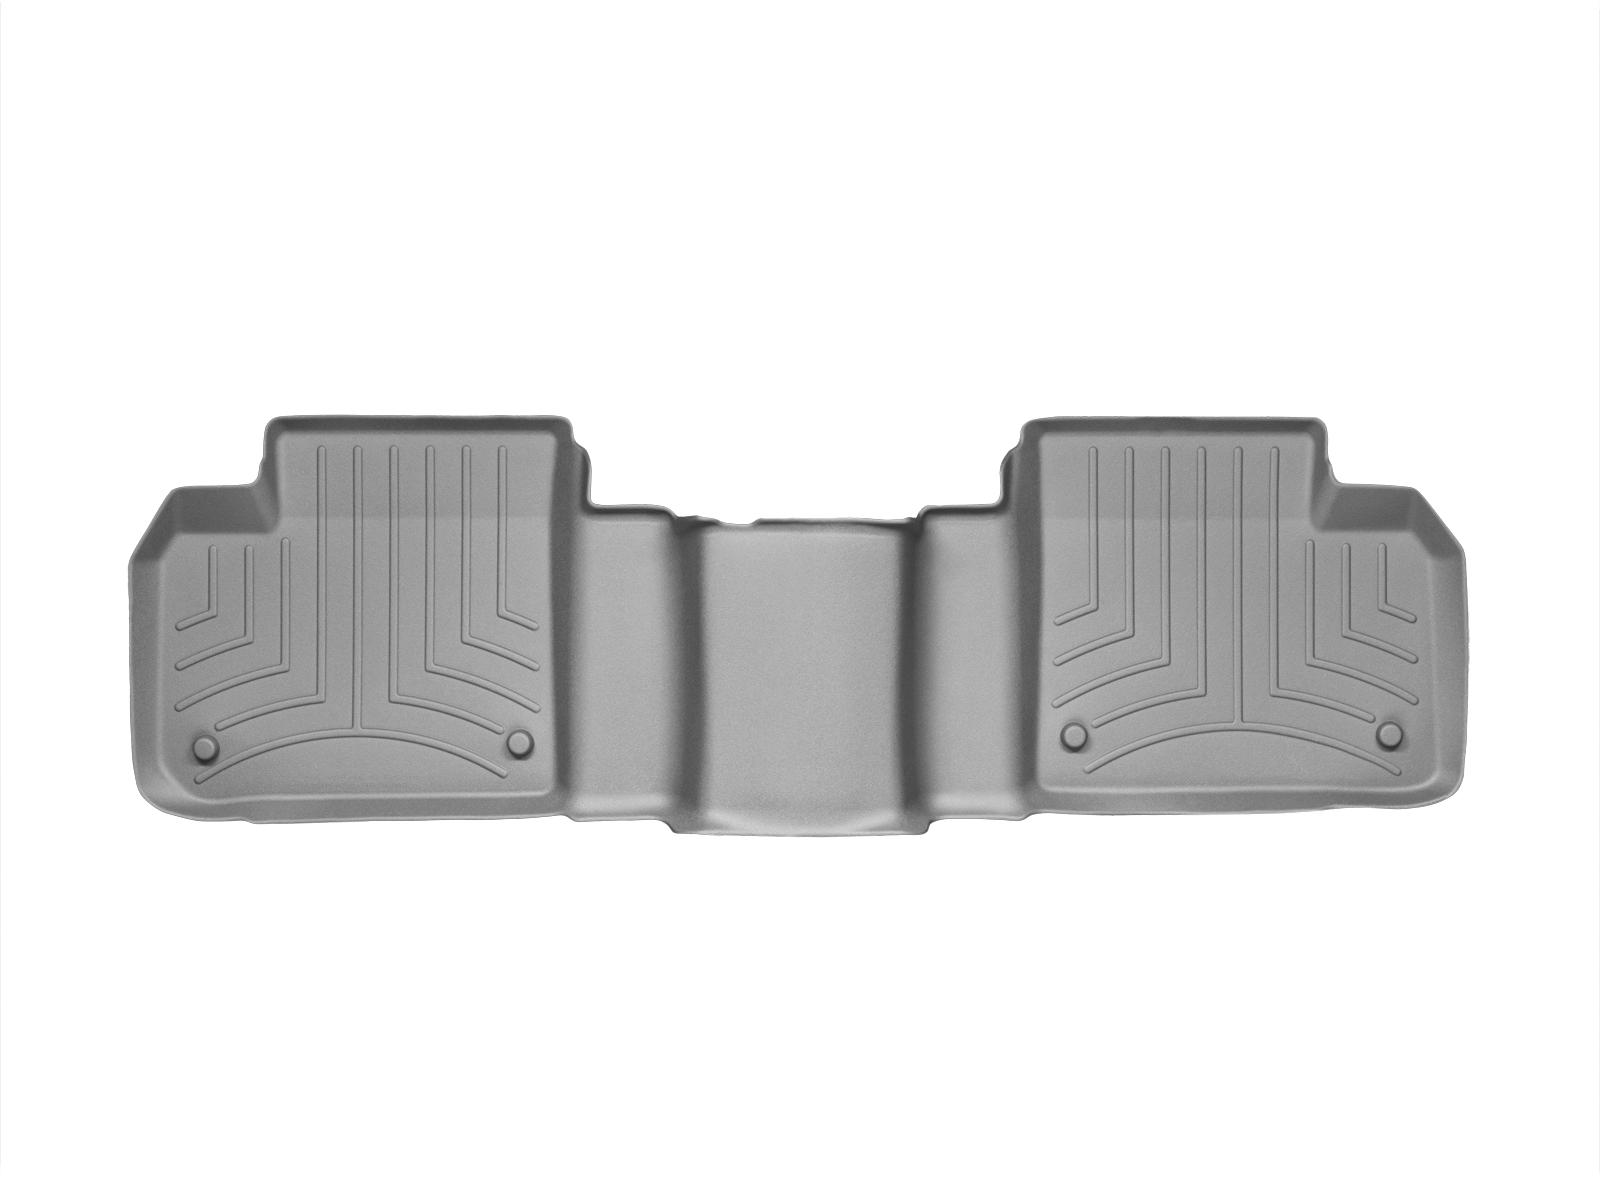 Tappeti gomma su misura bordo alto Mercedes GLE-Class 15>17 Grigio A2479